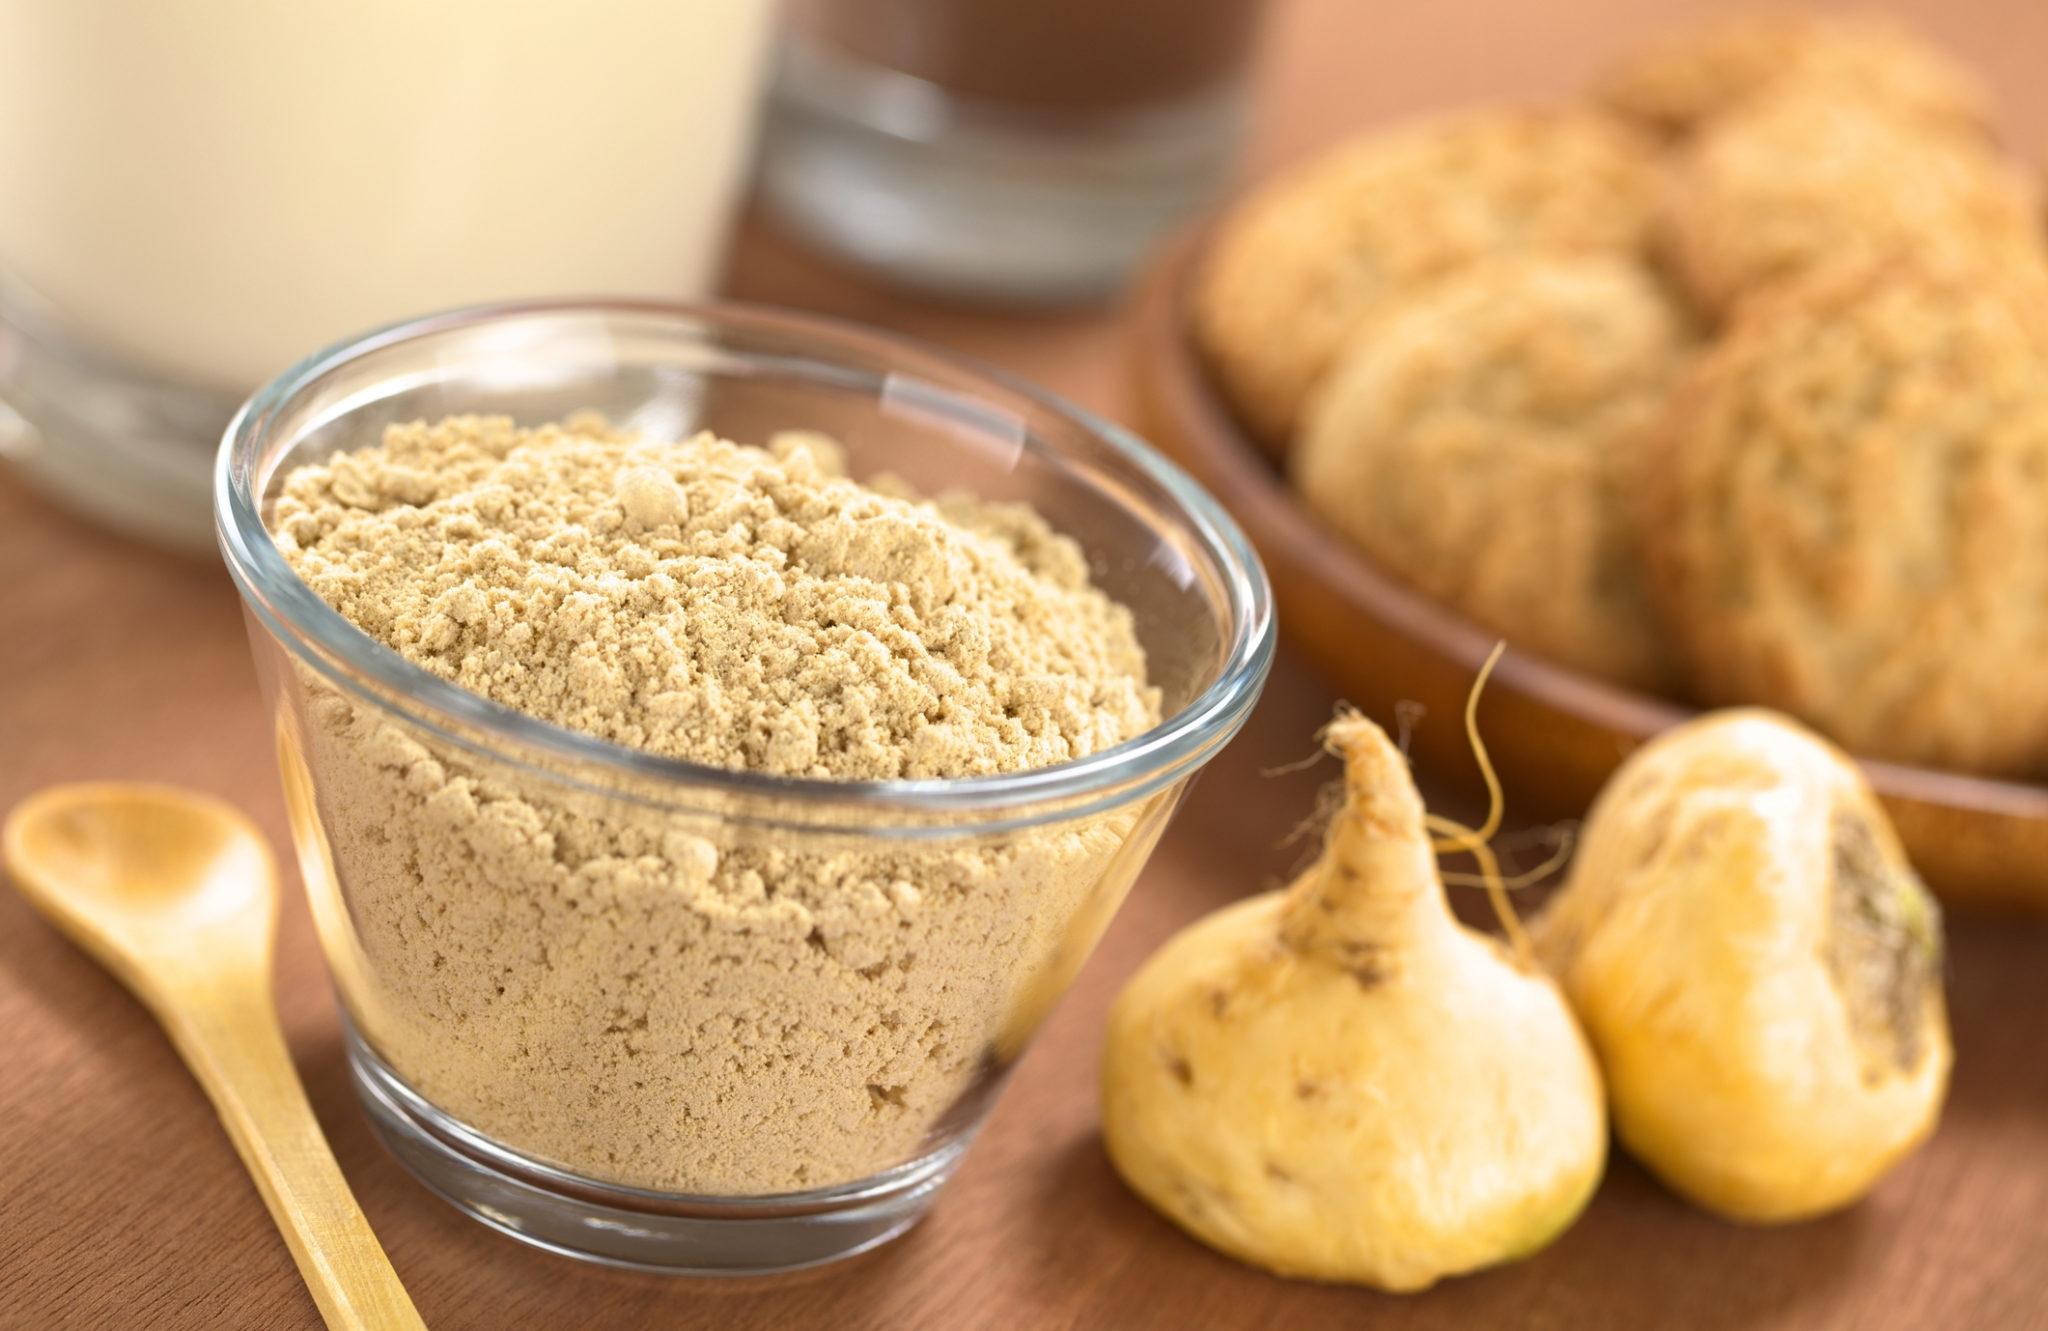 la-maca-el-superfood-que-regula-la-salud-hormonal